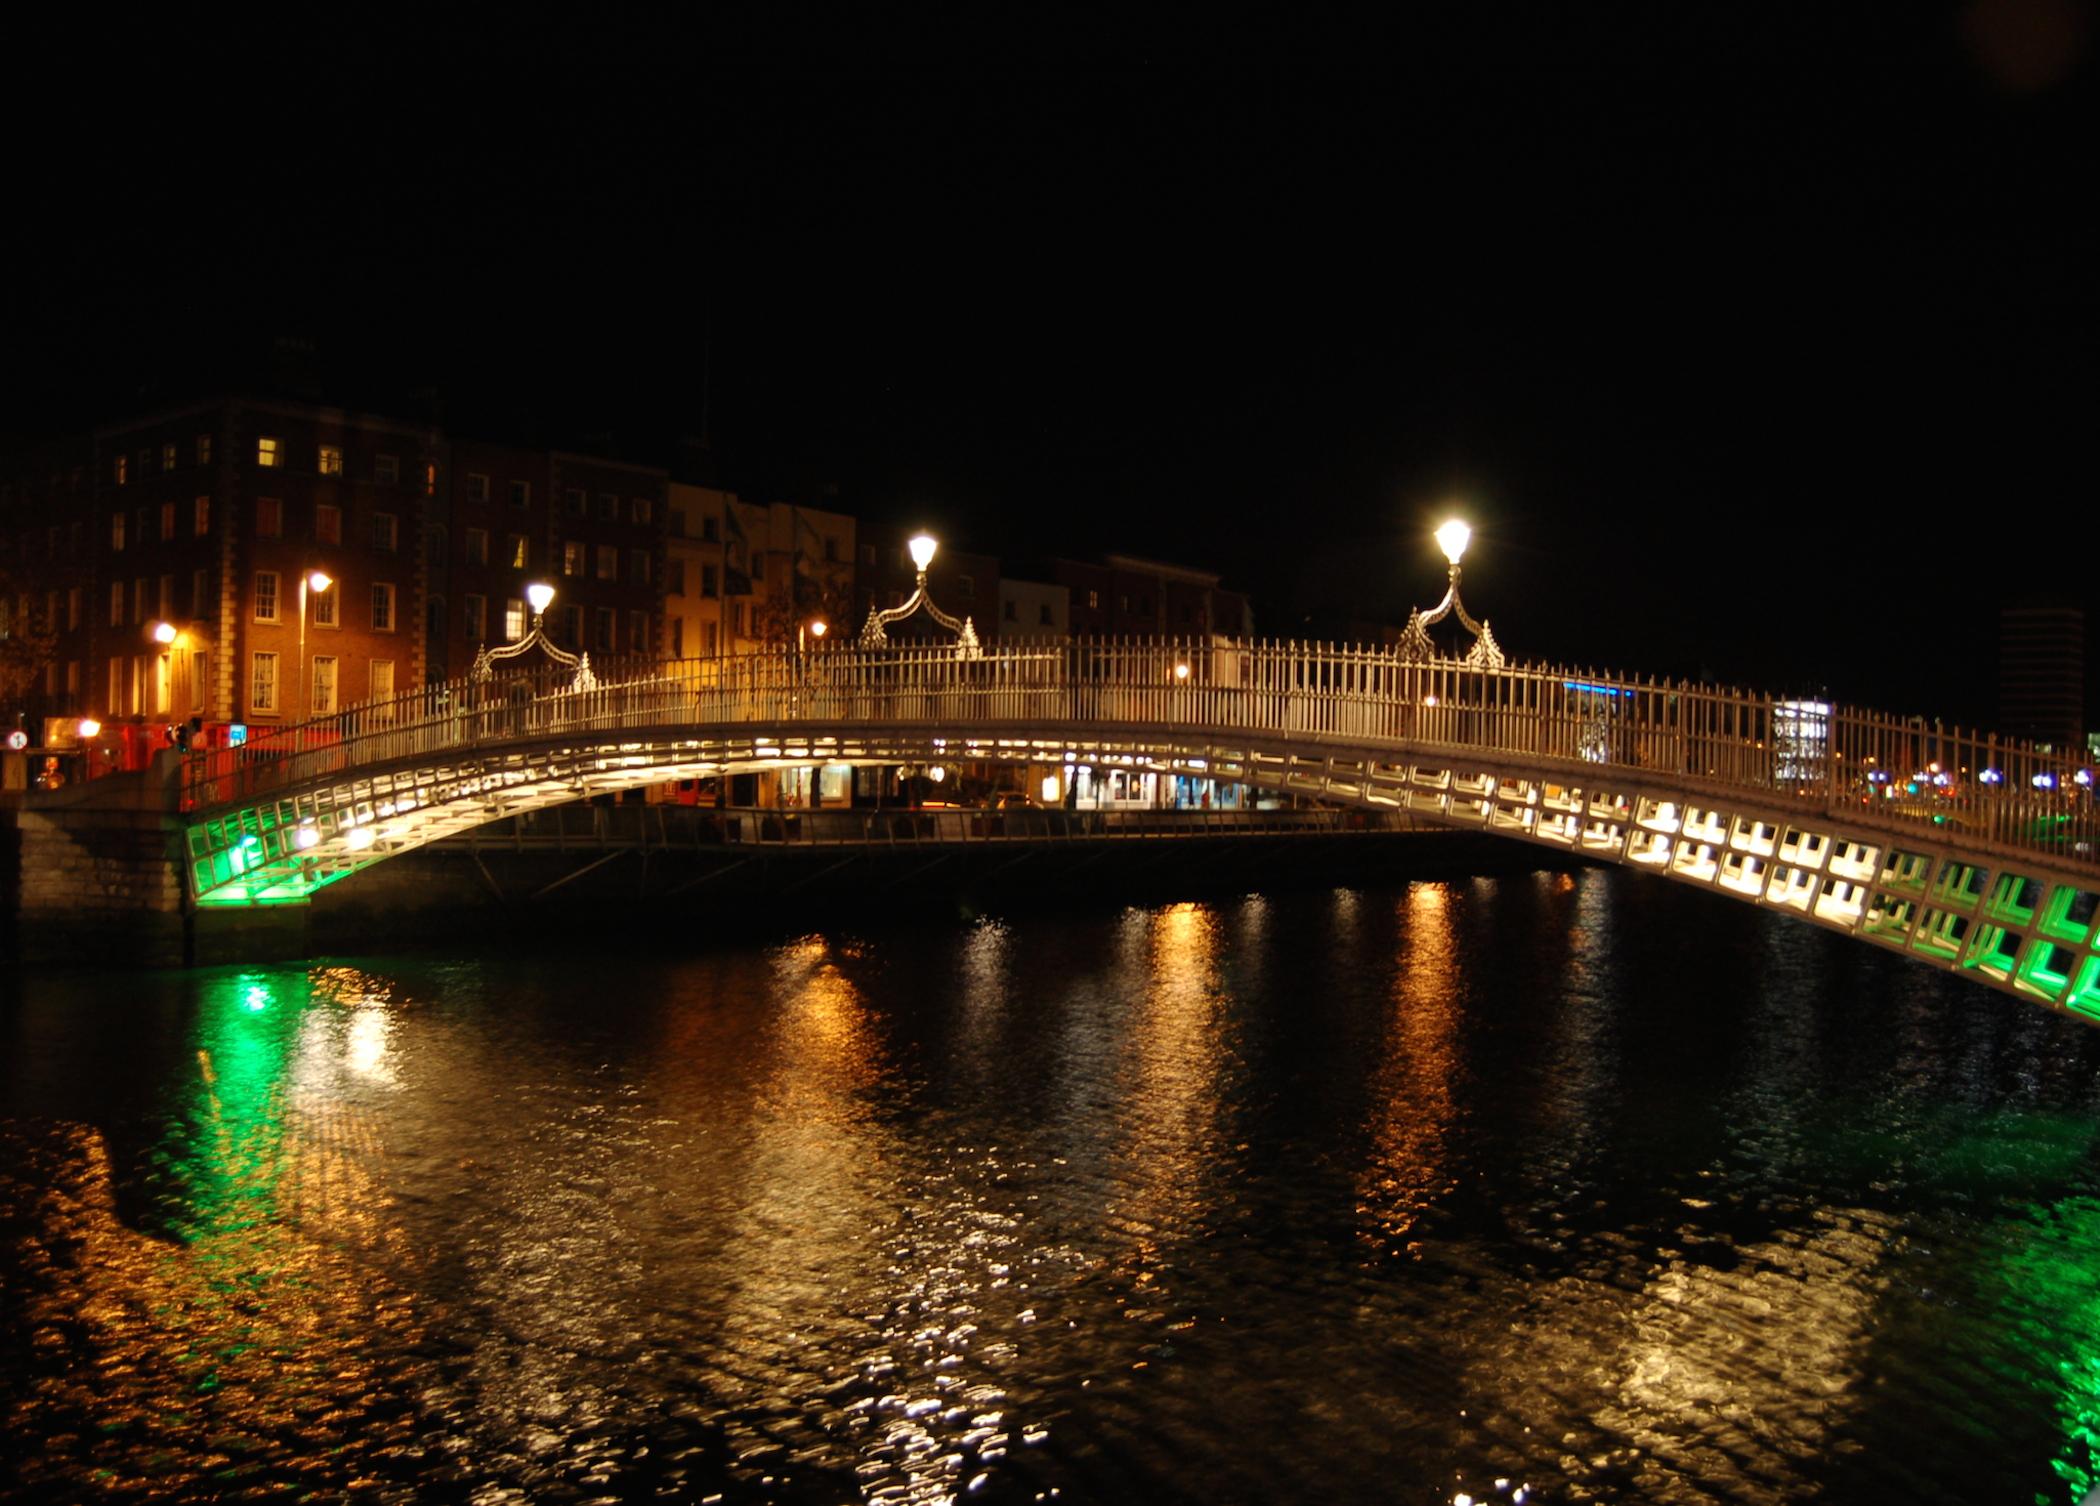 Hapenny Bridge Dublin Ireland Wallpaper Free HD Downloads